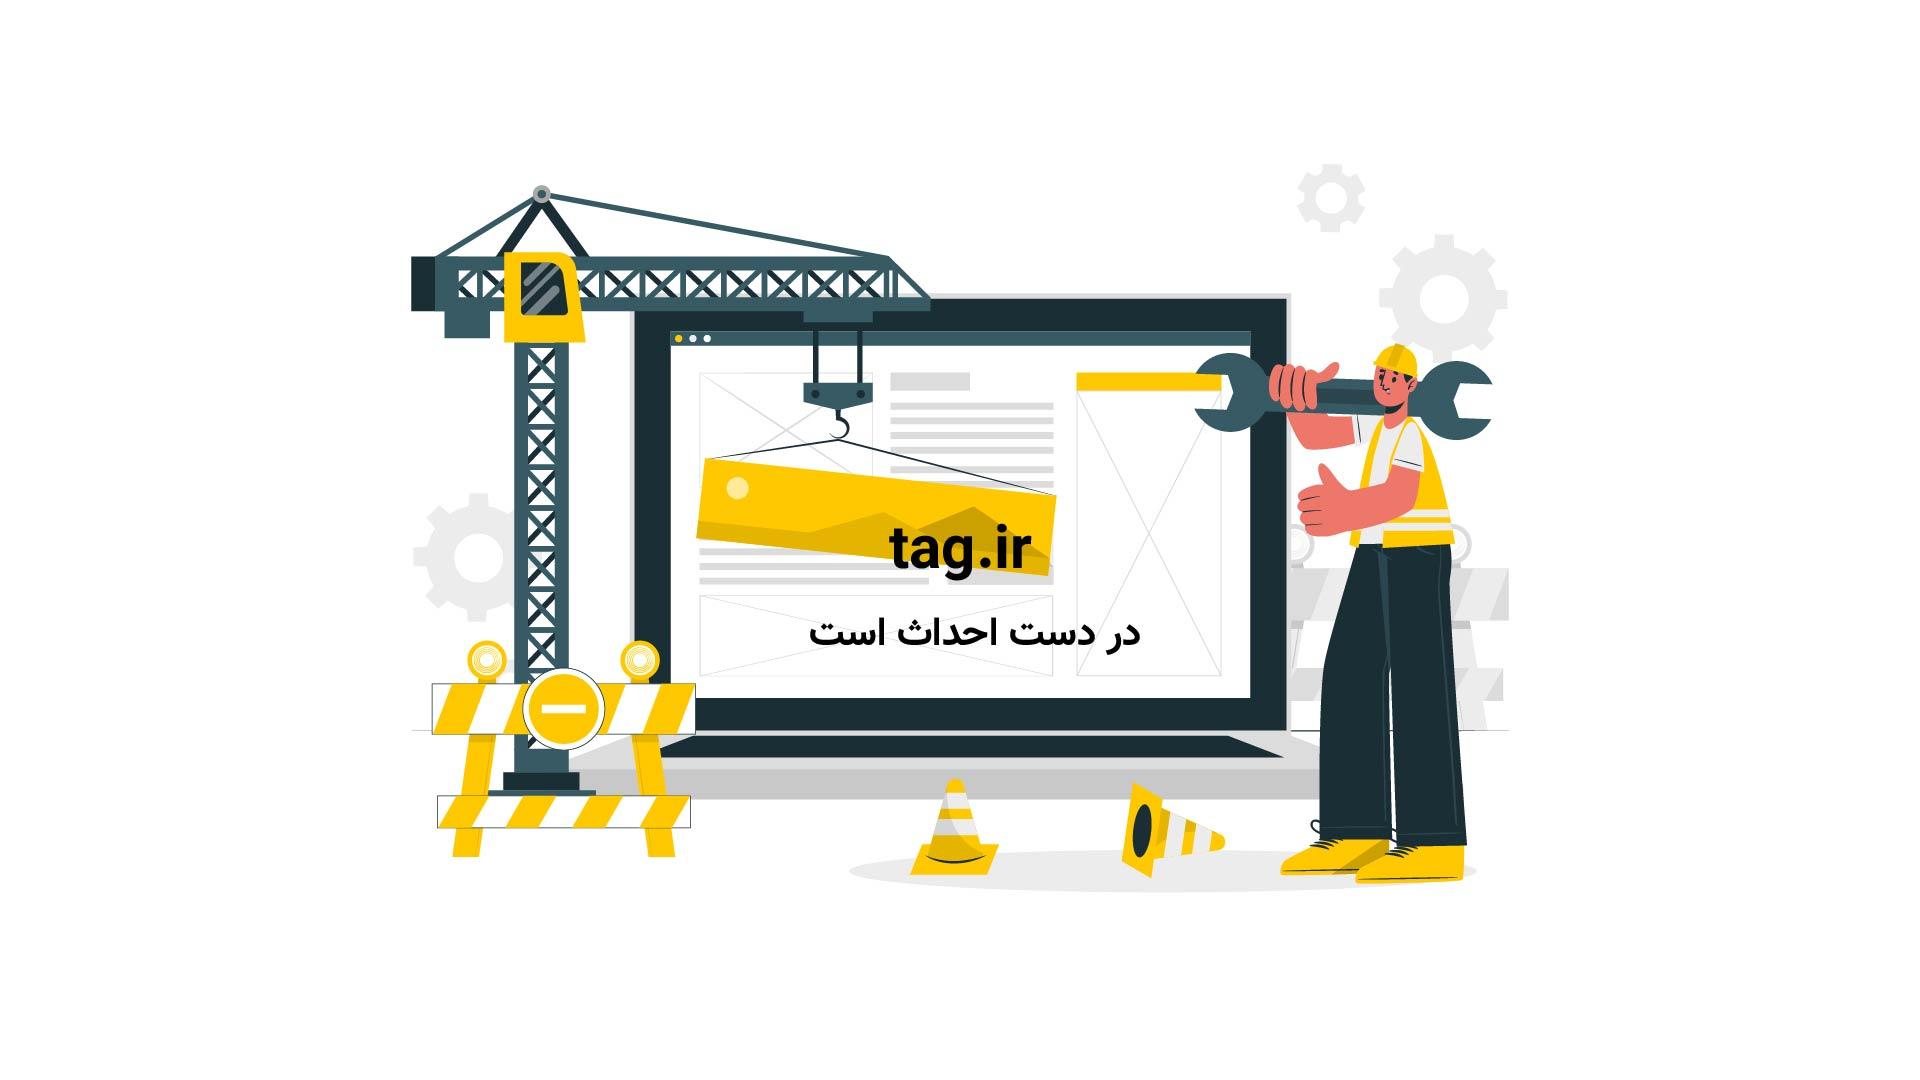 آتش سوزی ناگهانی و وحشتناک پژو 405 در بلوار ملک آباد مشهد | فیلم